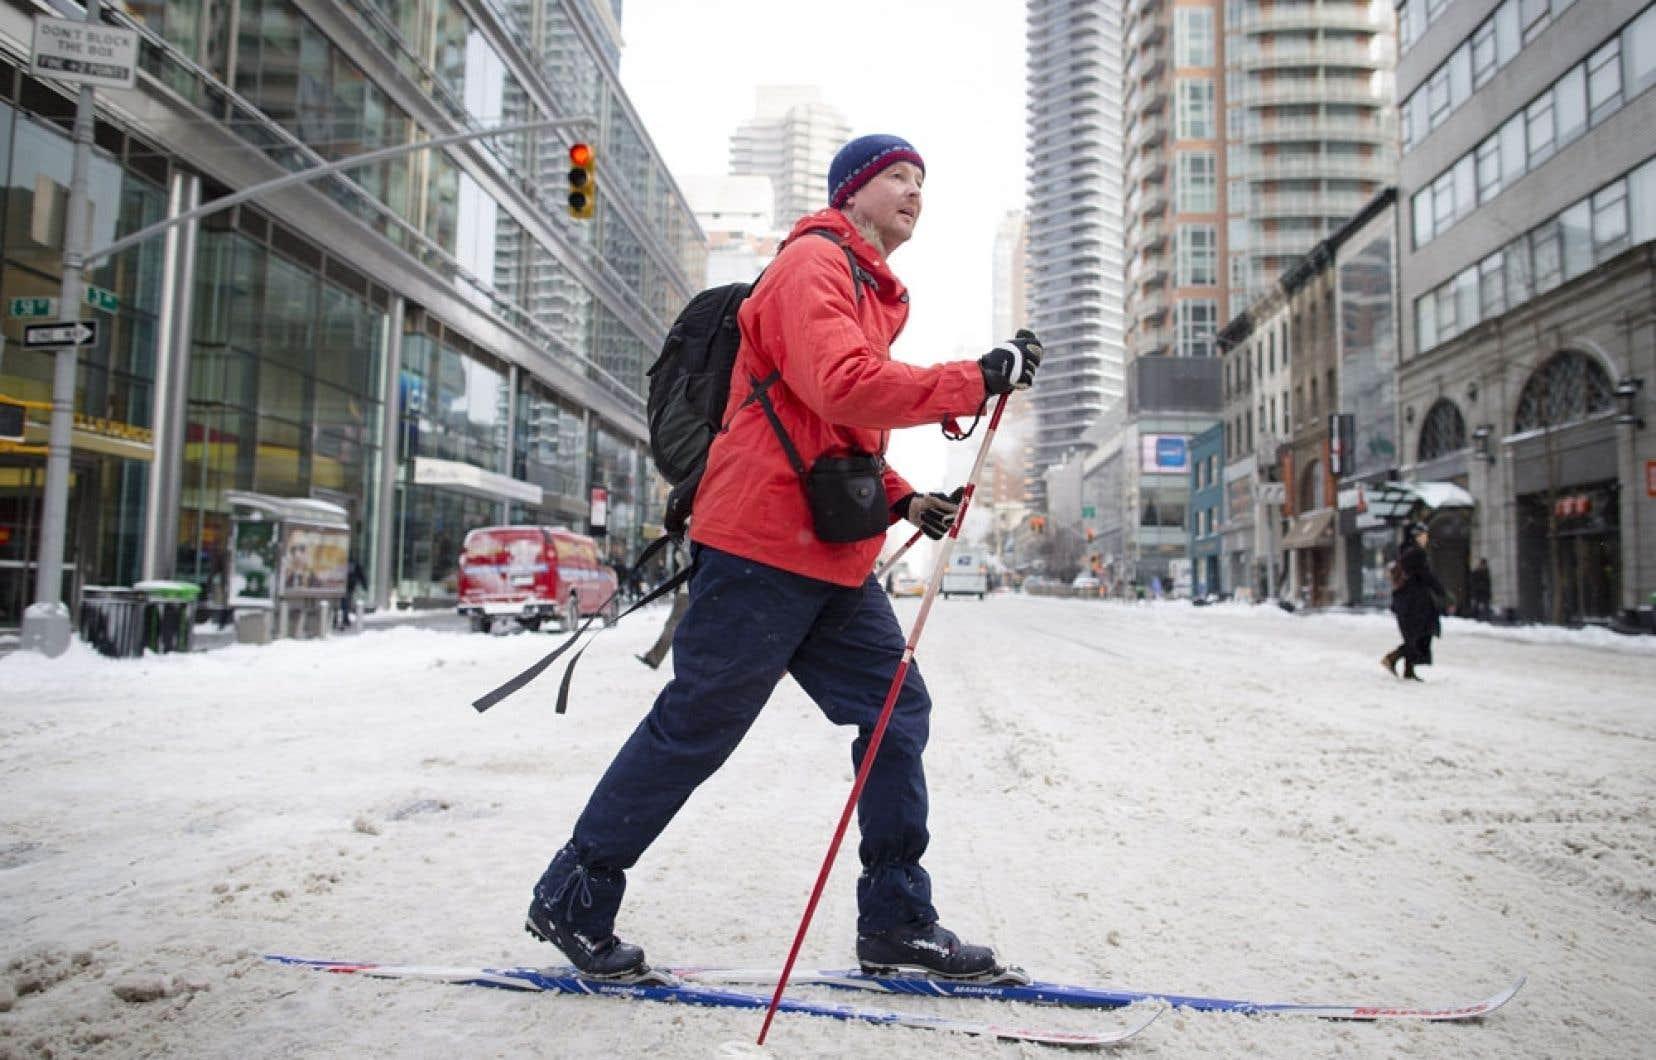 Ce citadin a opté pour les skis pour se déplacer dans les rues de New York.